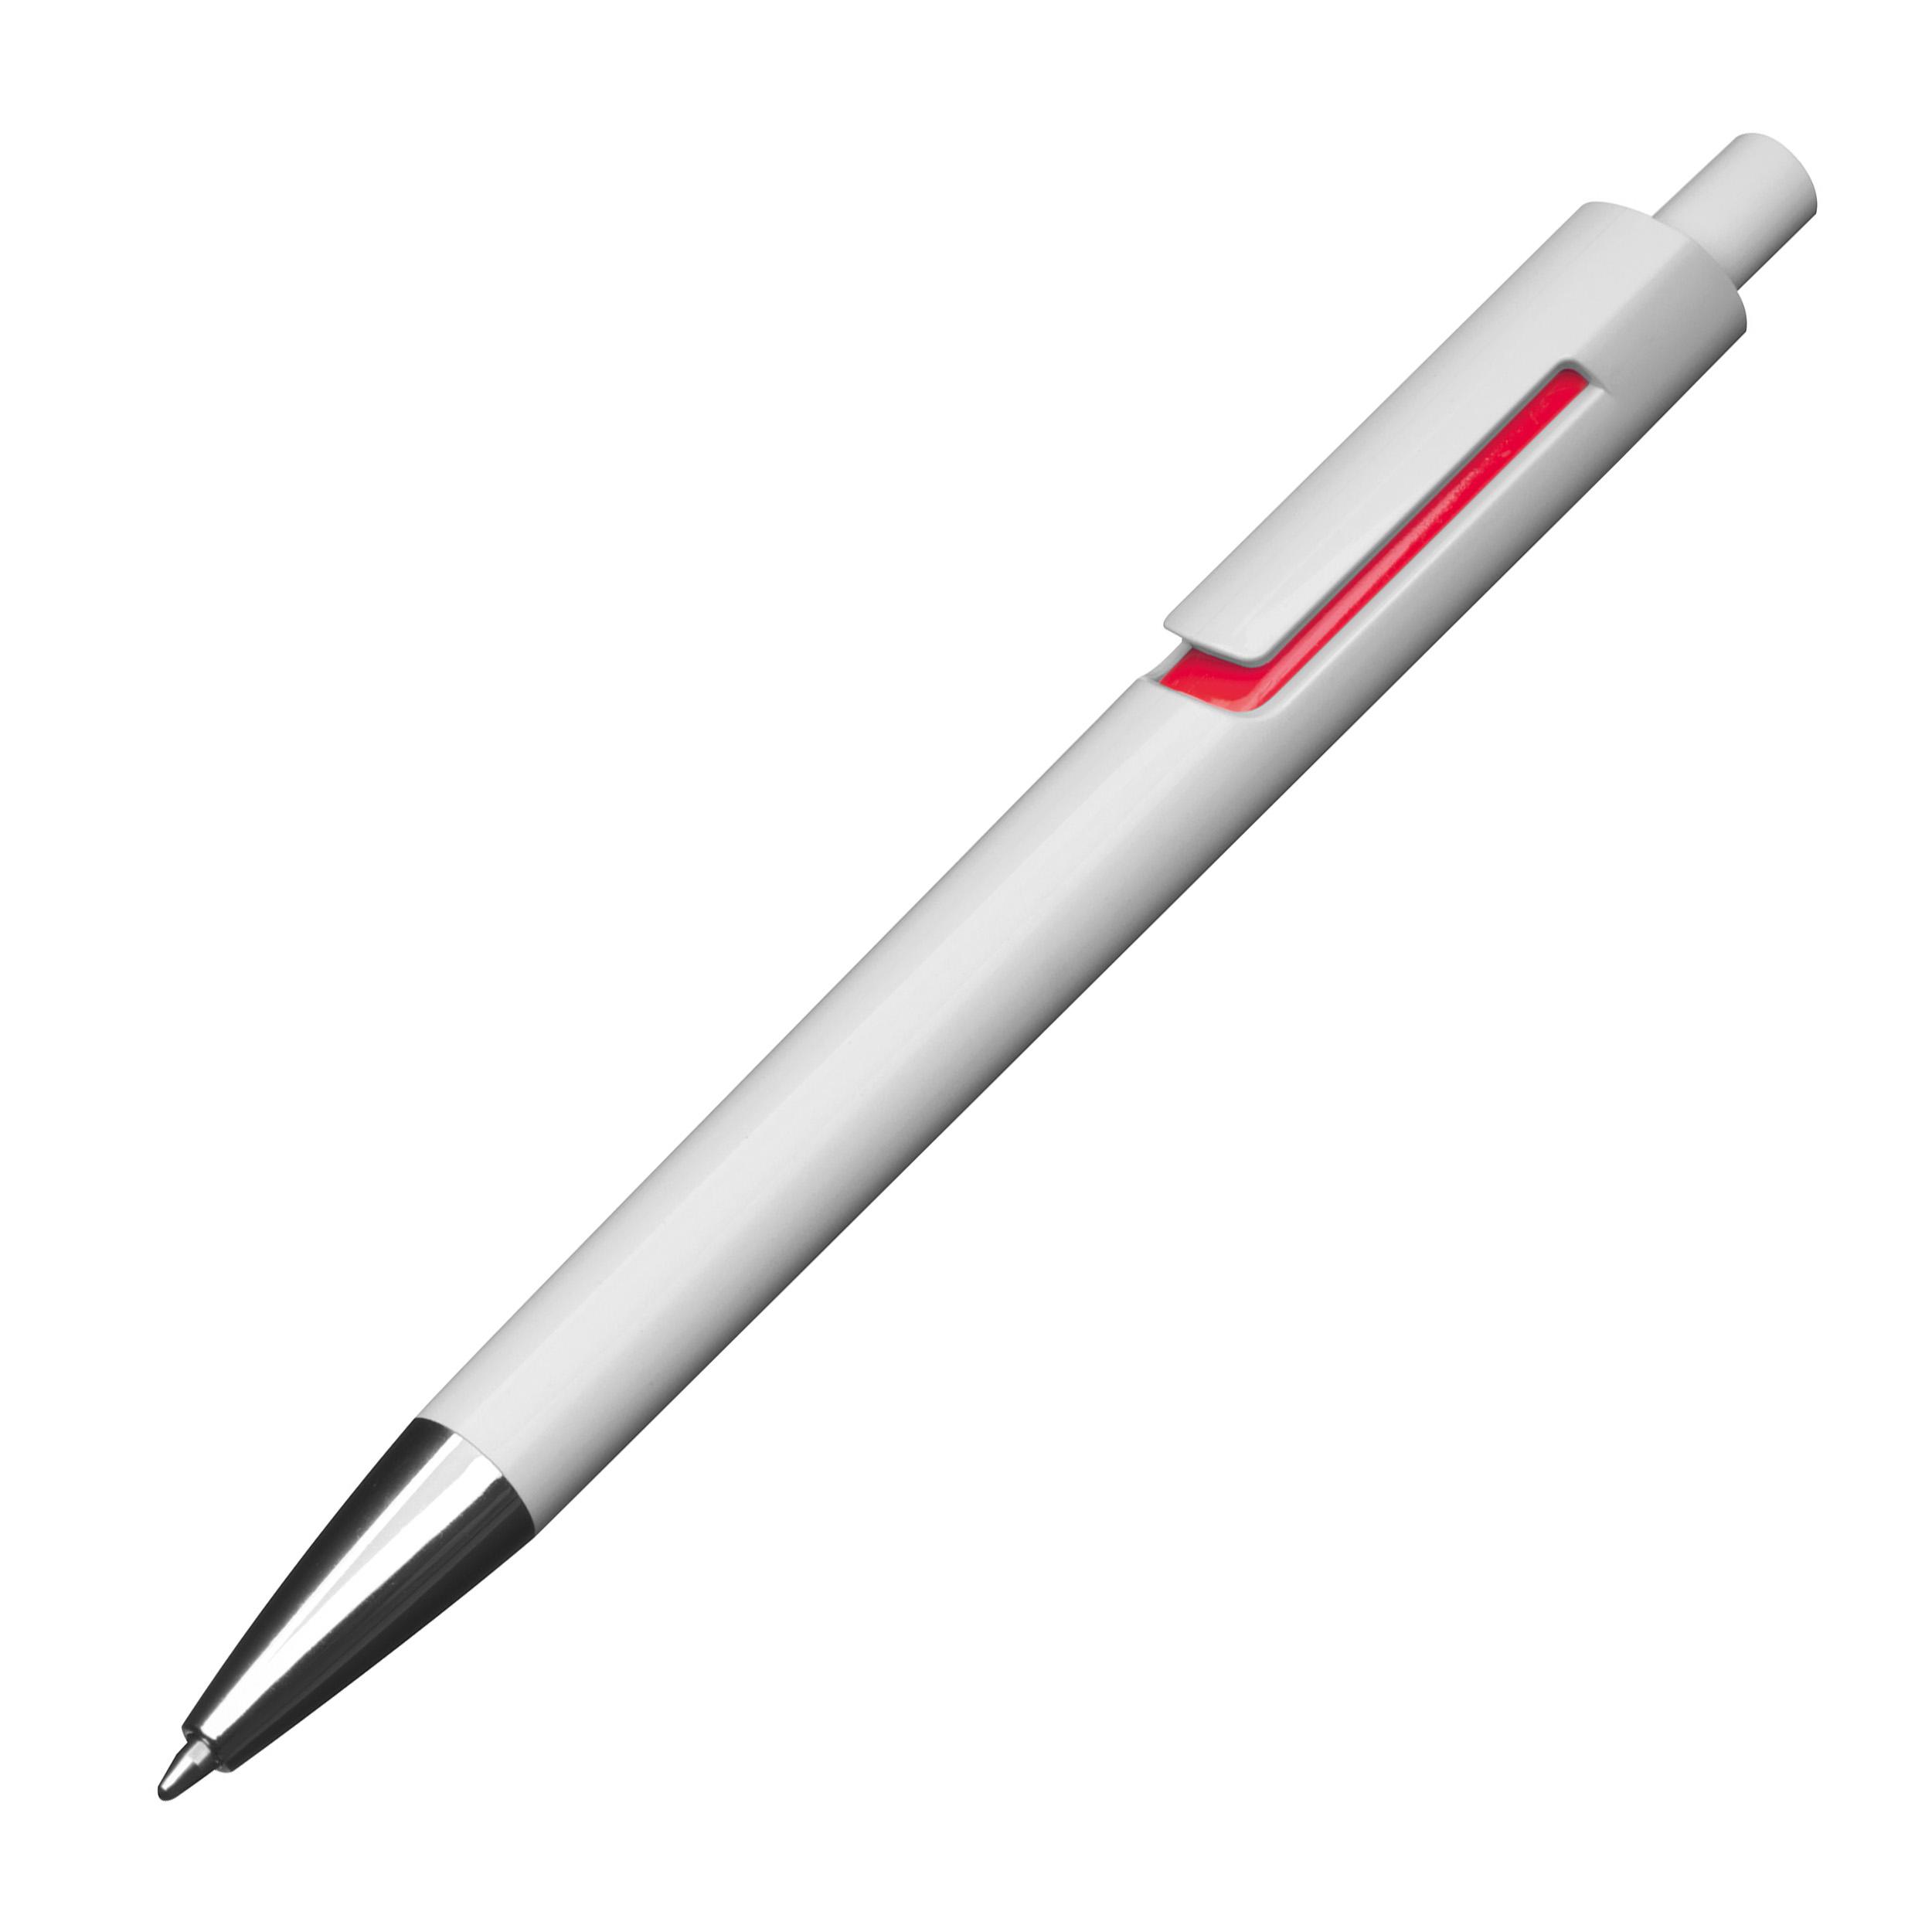 Stylo bille blanc avec applications colorées